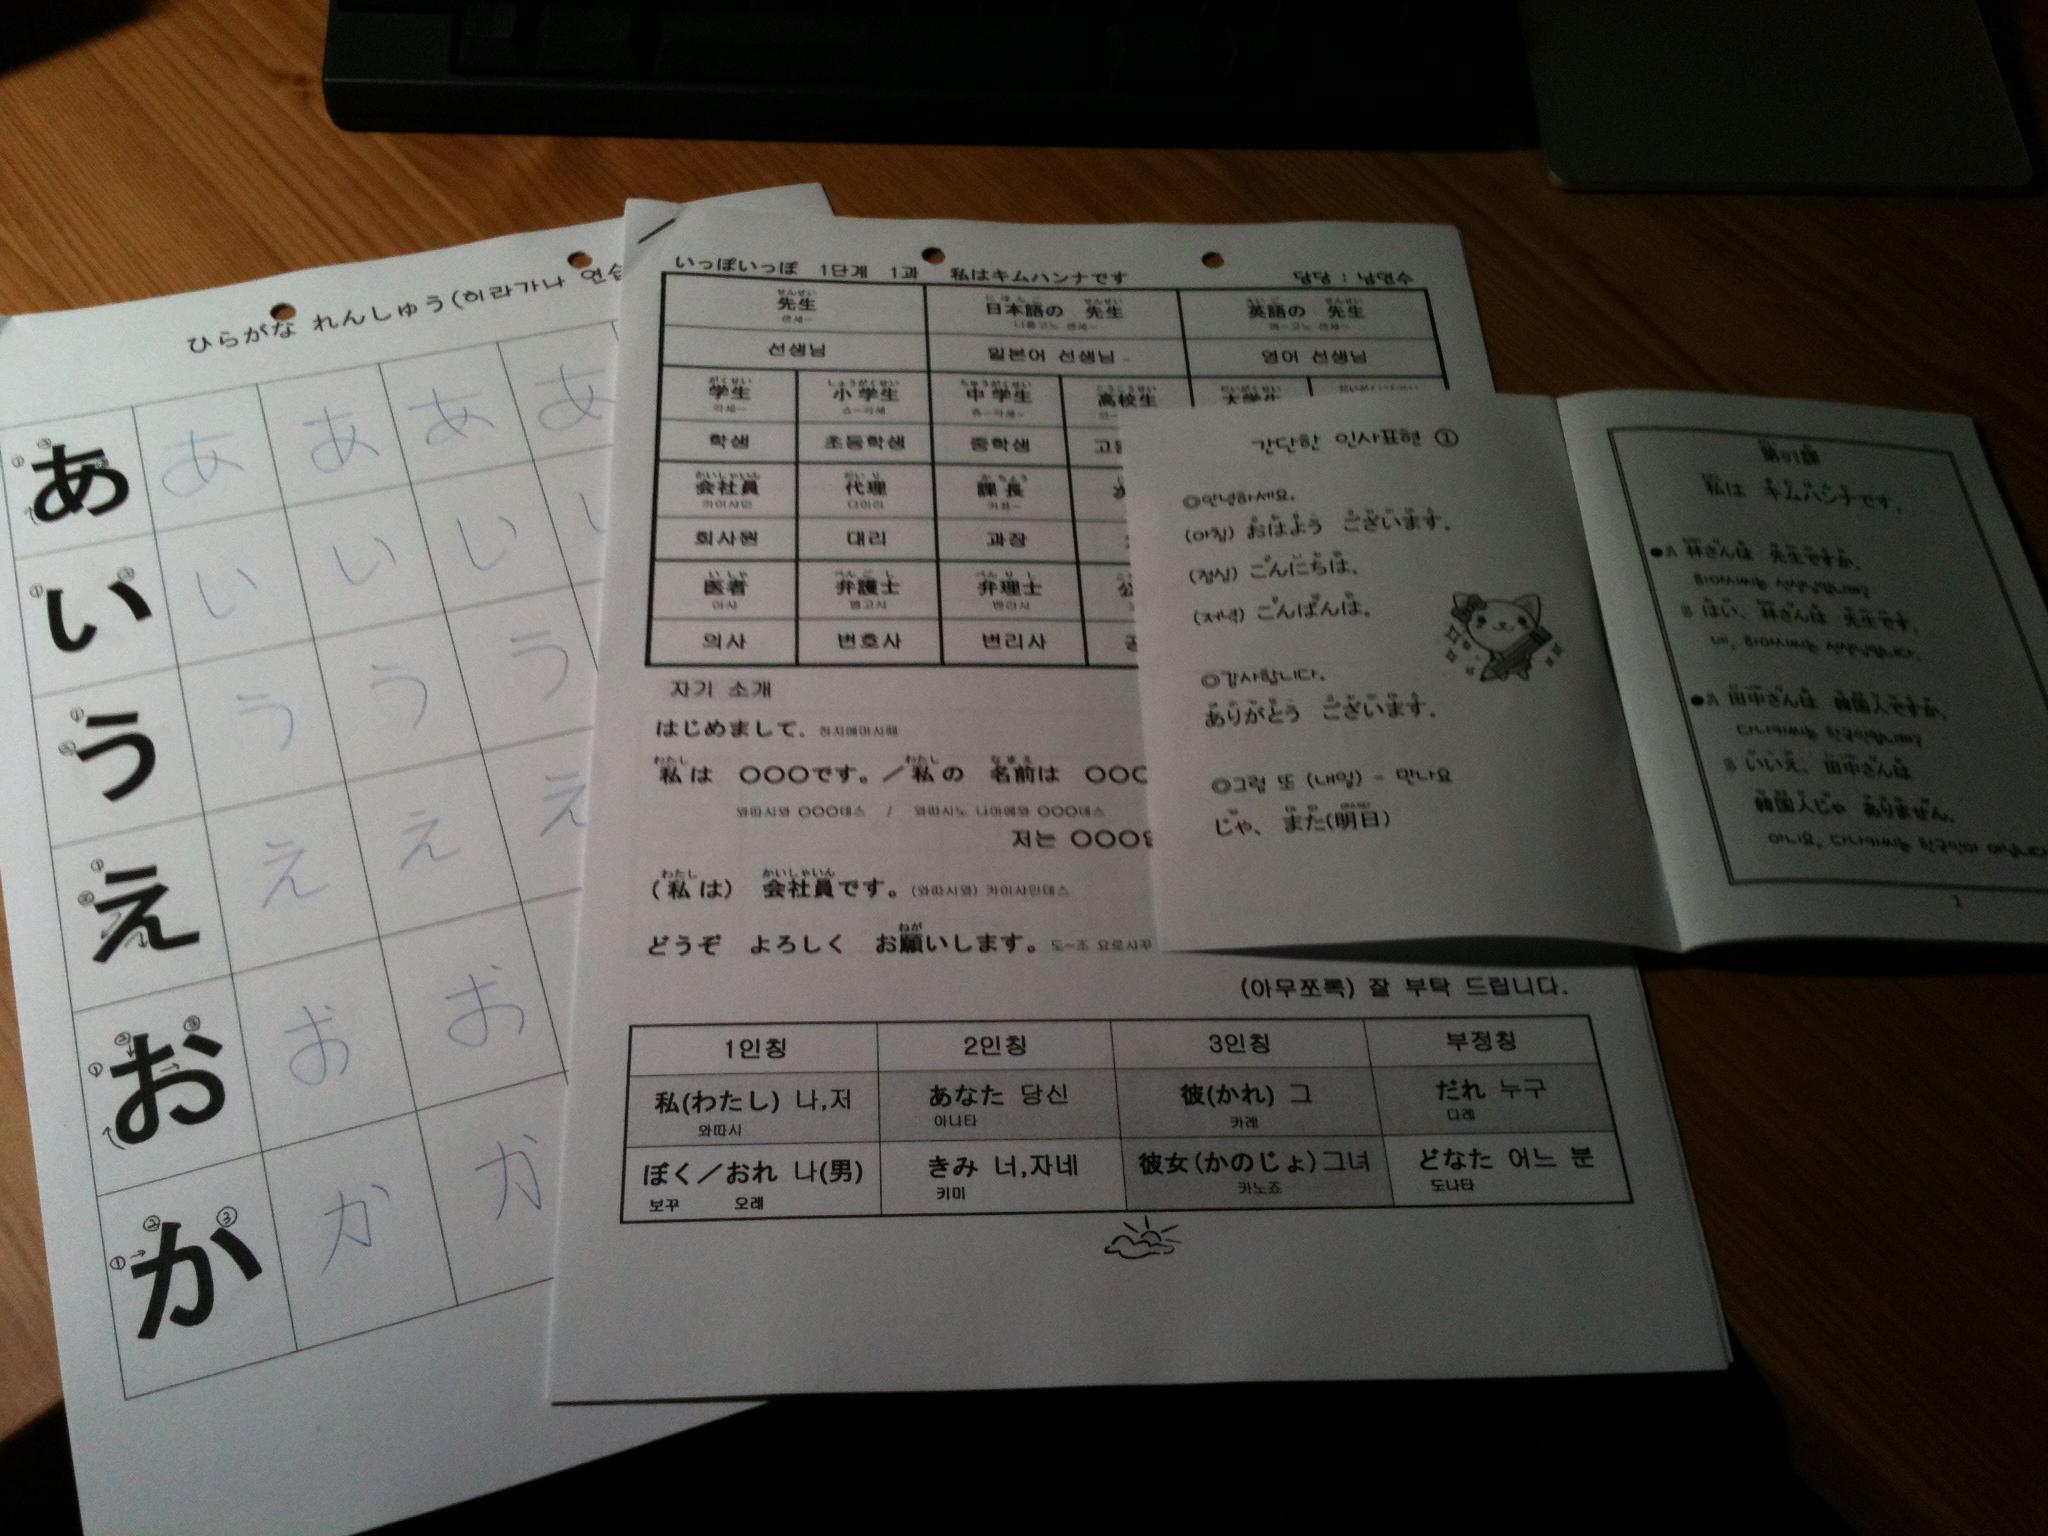 일본어 수업자료 복습중에.....